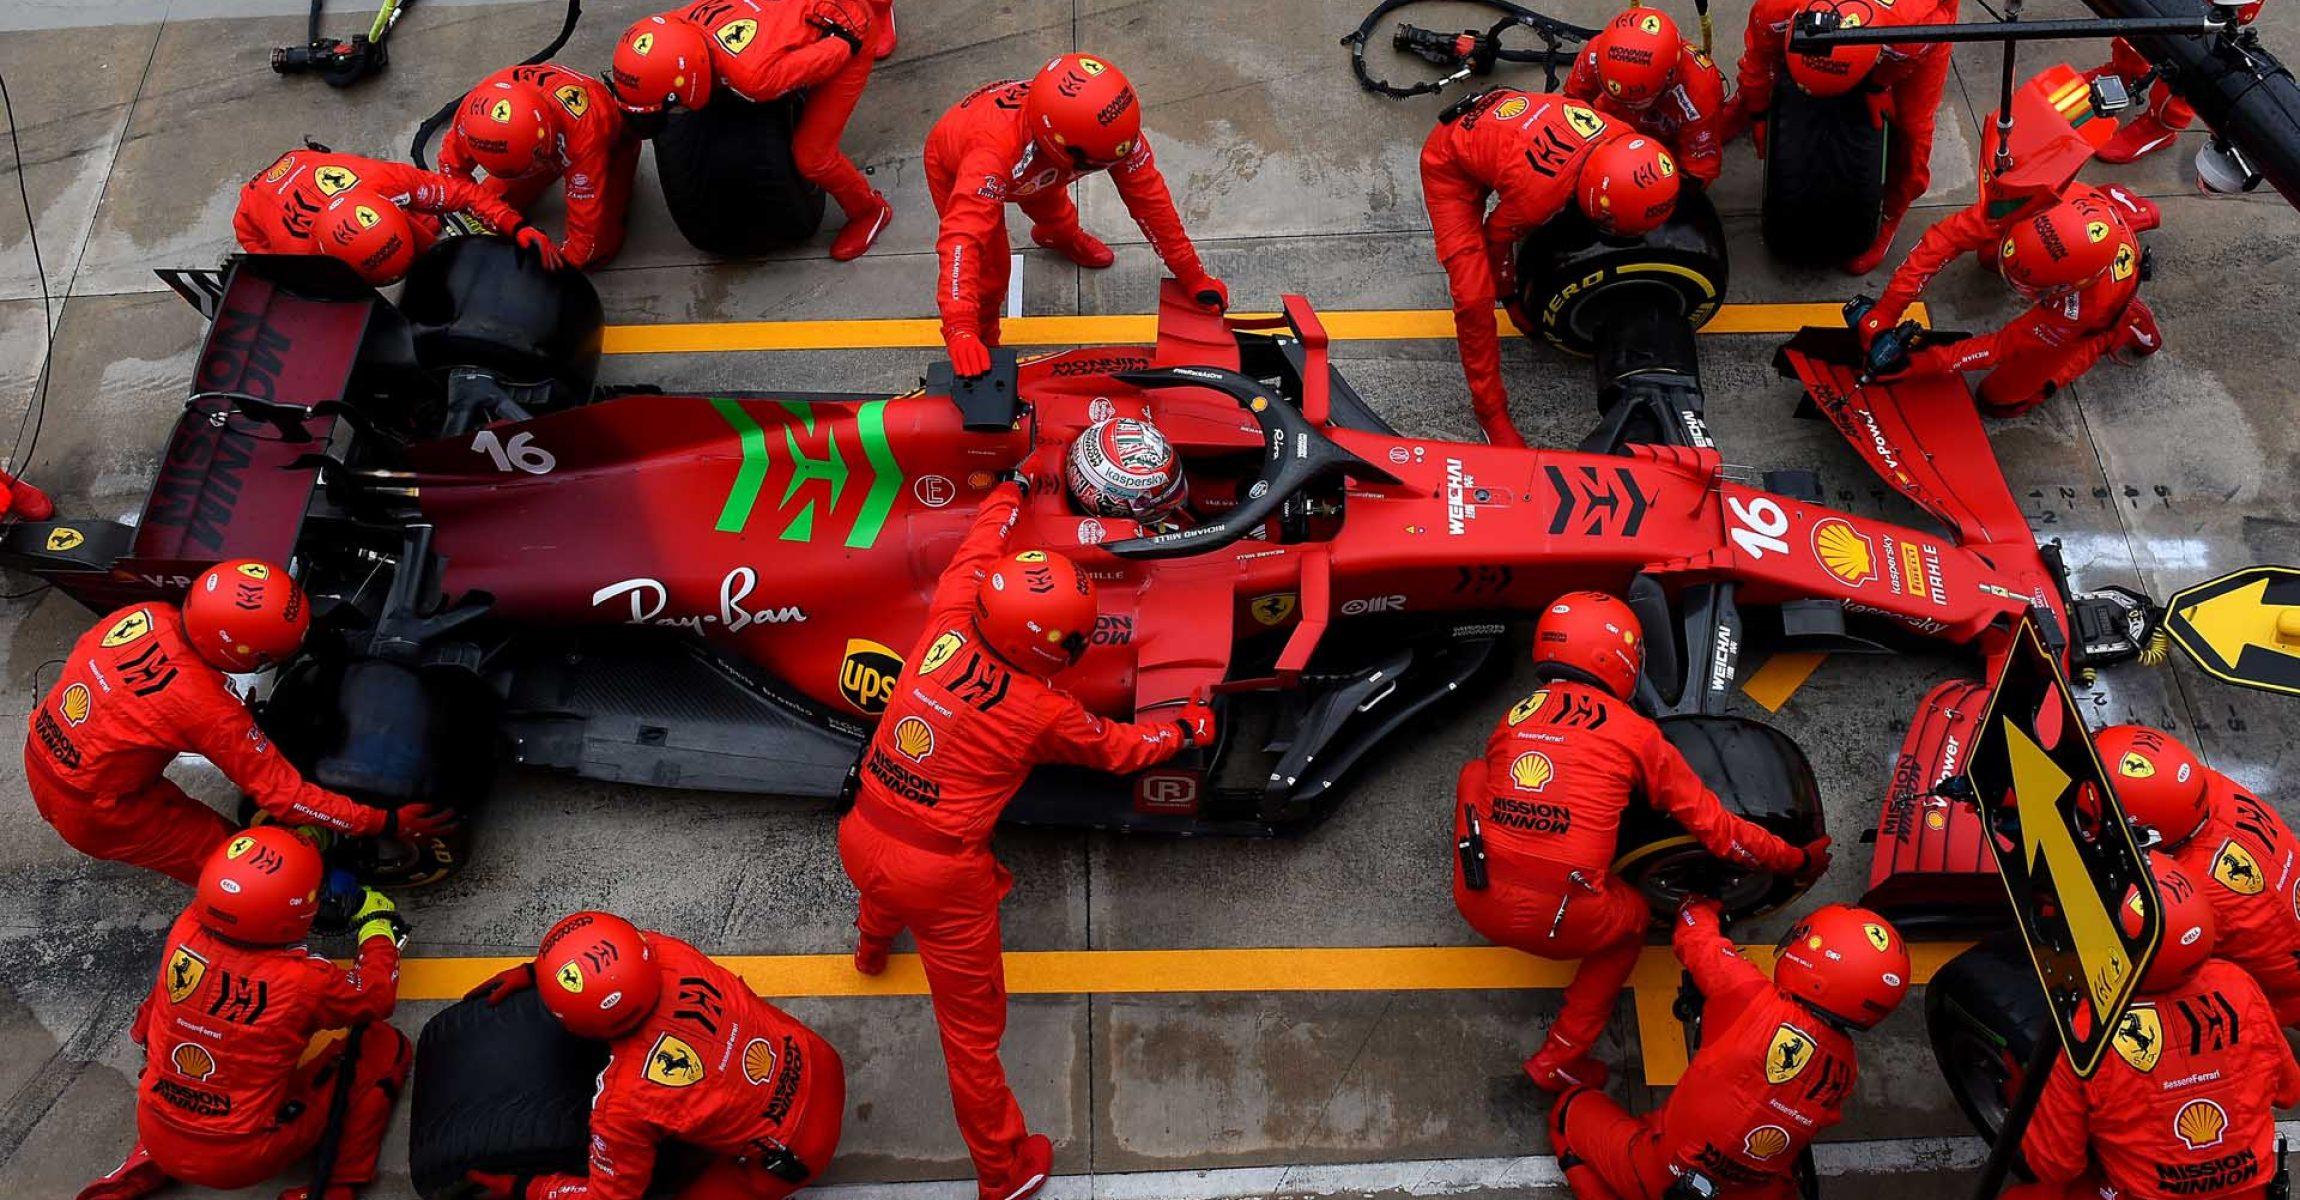 GP DELL'EMILIA ROMAGNA  F1/2021 - DOMENICA 18/04/2021 credit: @Scuderia Ferrari Press Office Charles Leclerc pitstop